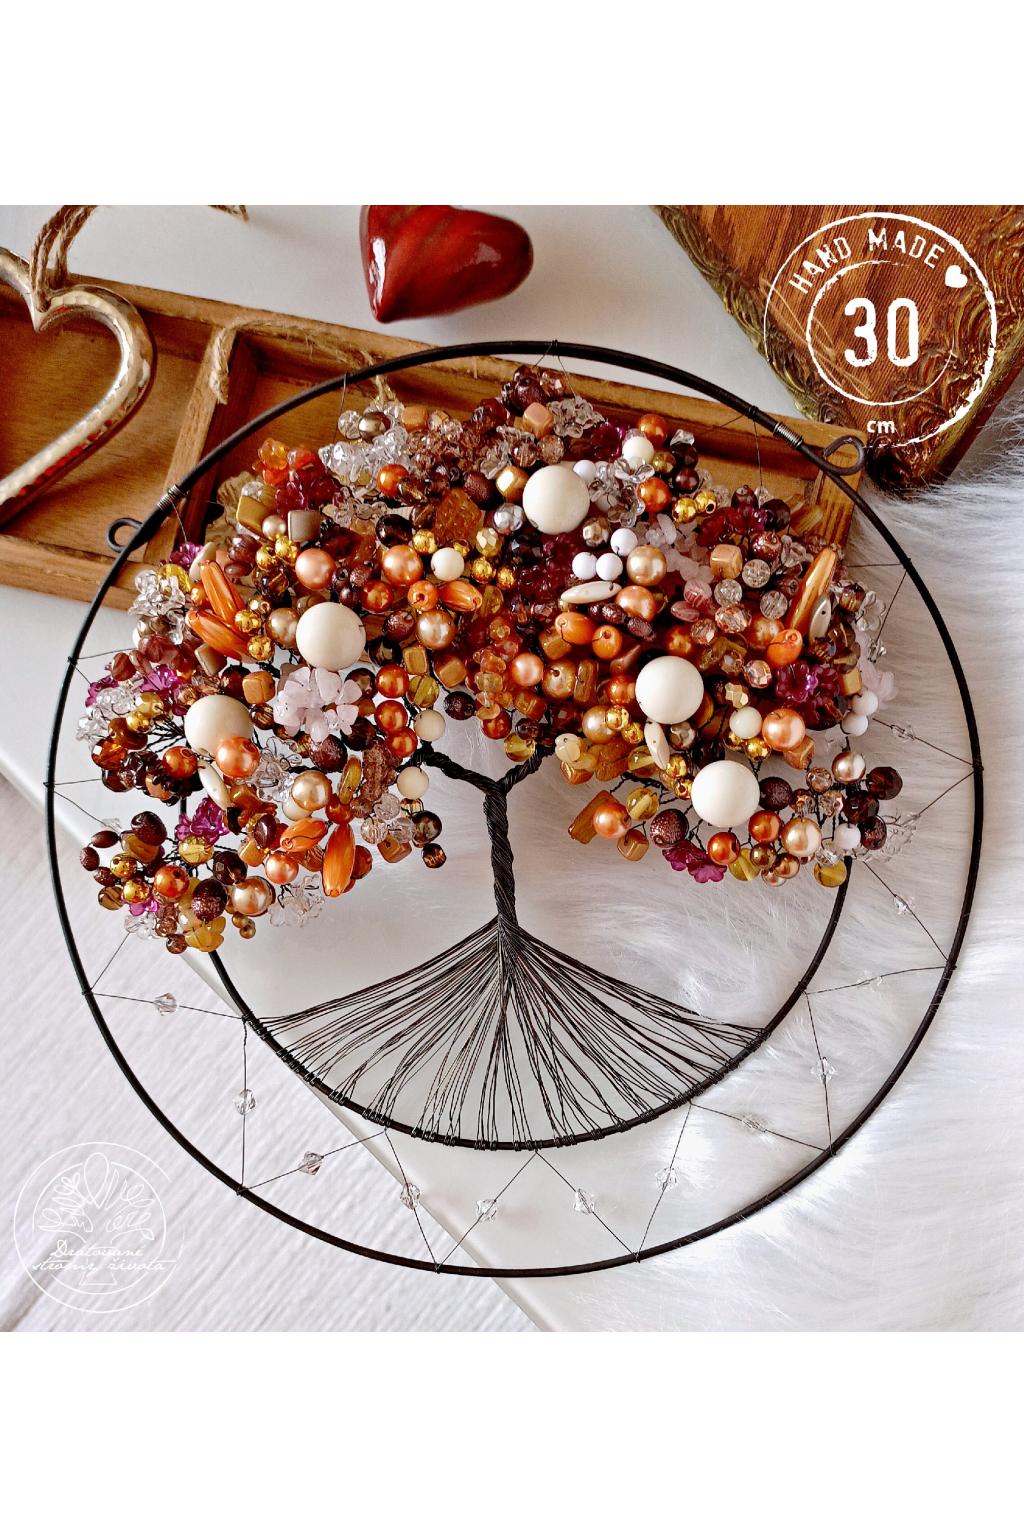 Drátovaný strom -Čokoládové pokušení 30cm